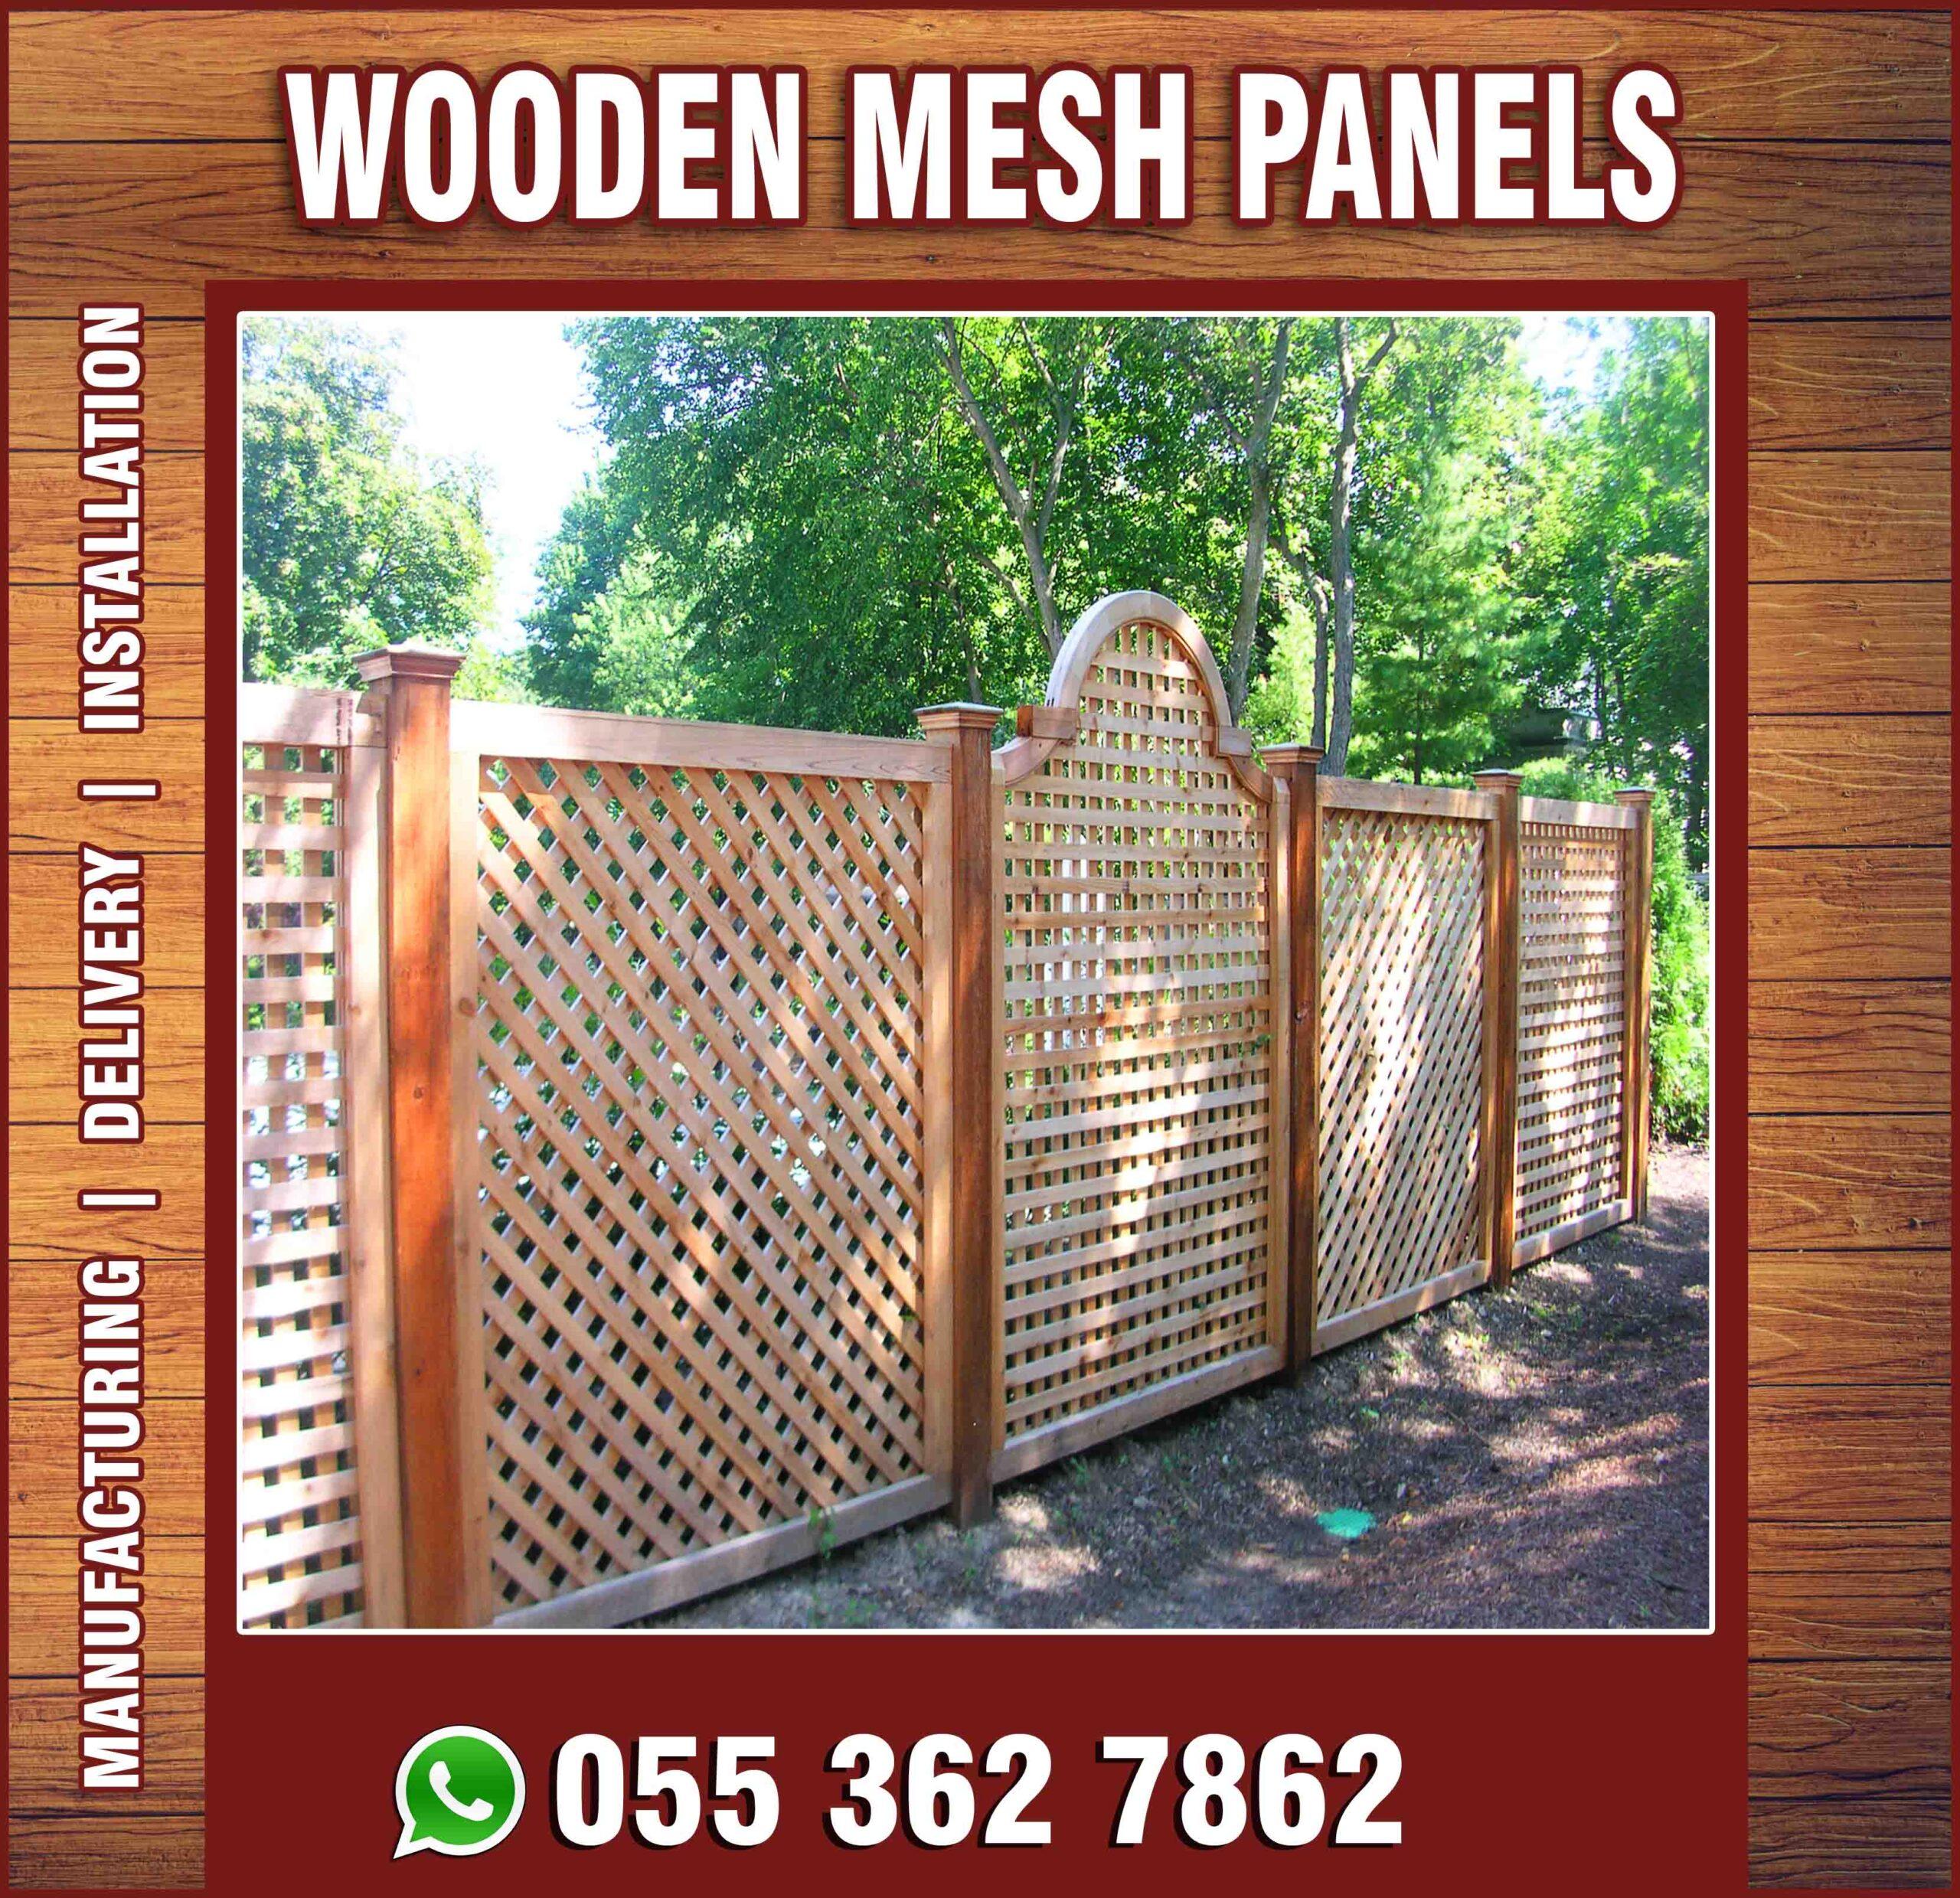 Wooden Mesh Panels in UAE.jpg